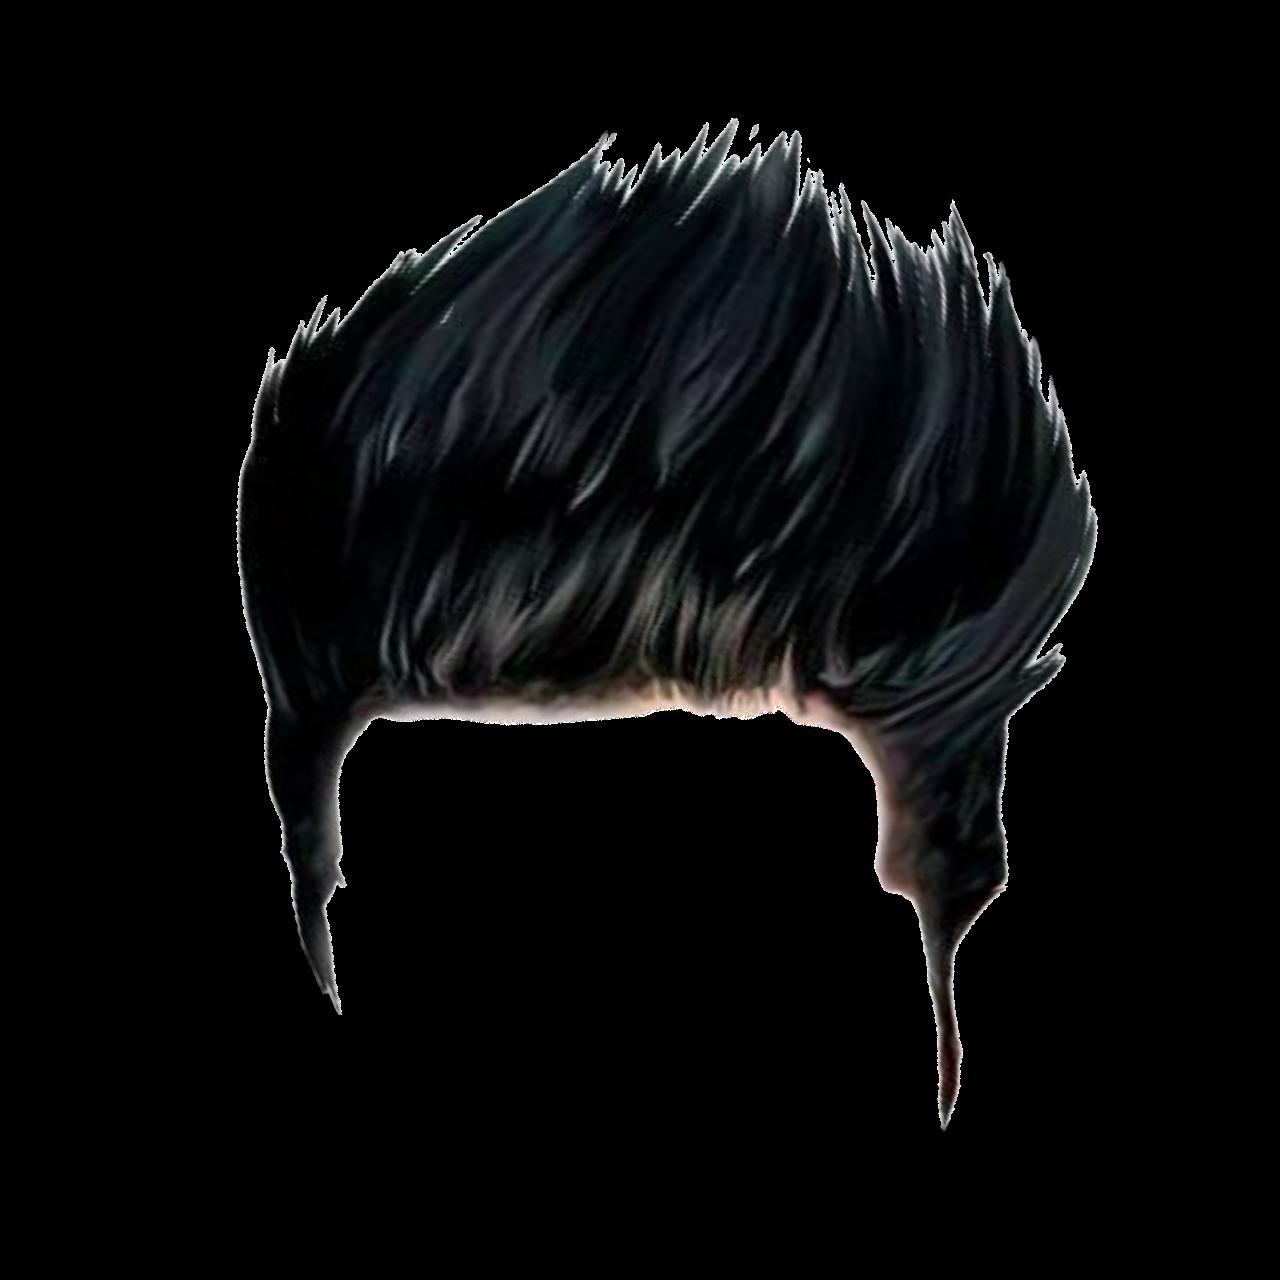 hairstyle hairart haircolor long hair haircut hairpng...